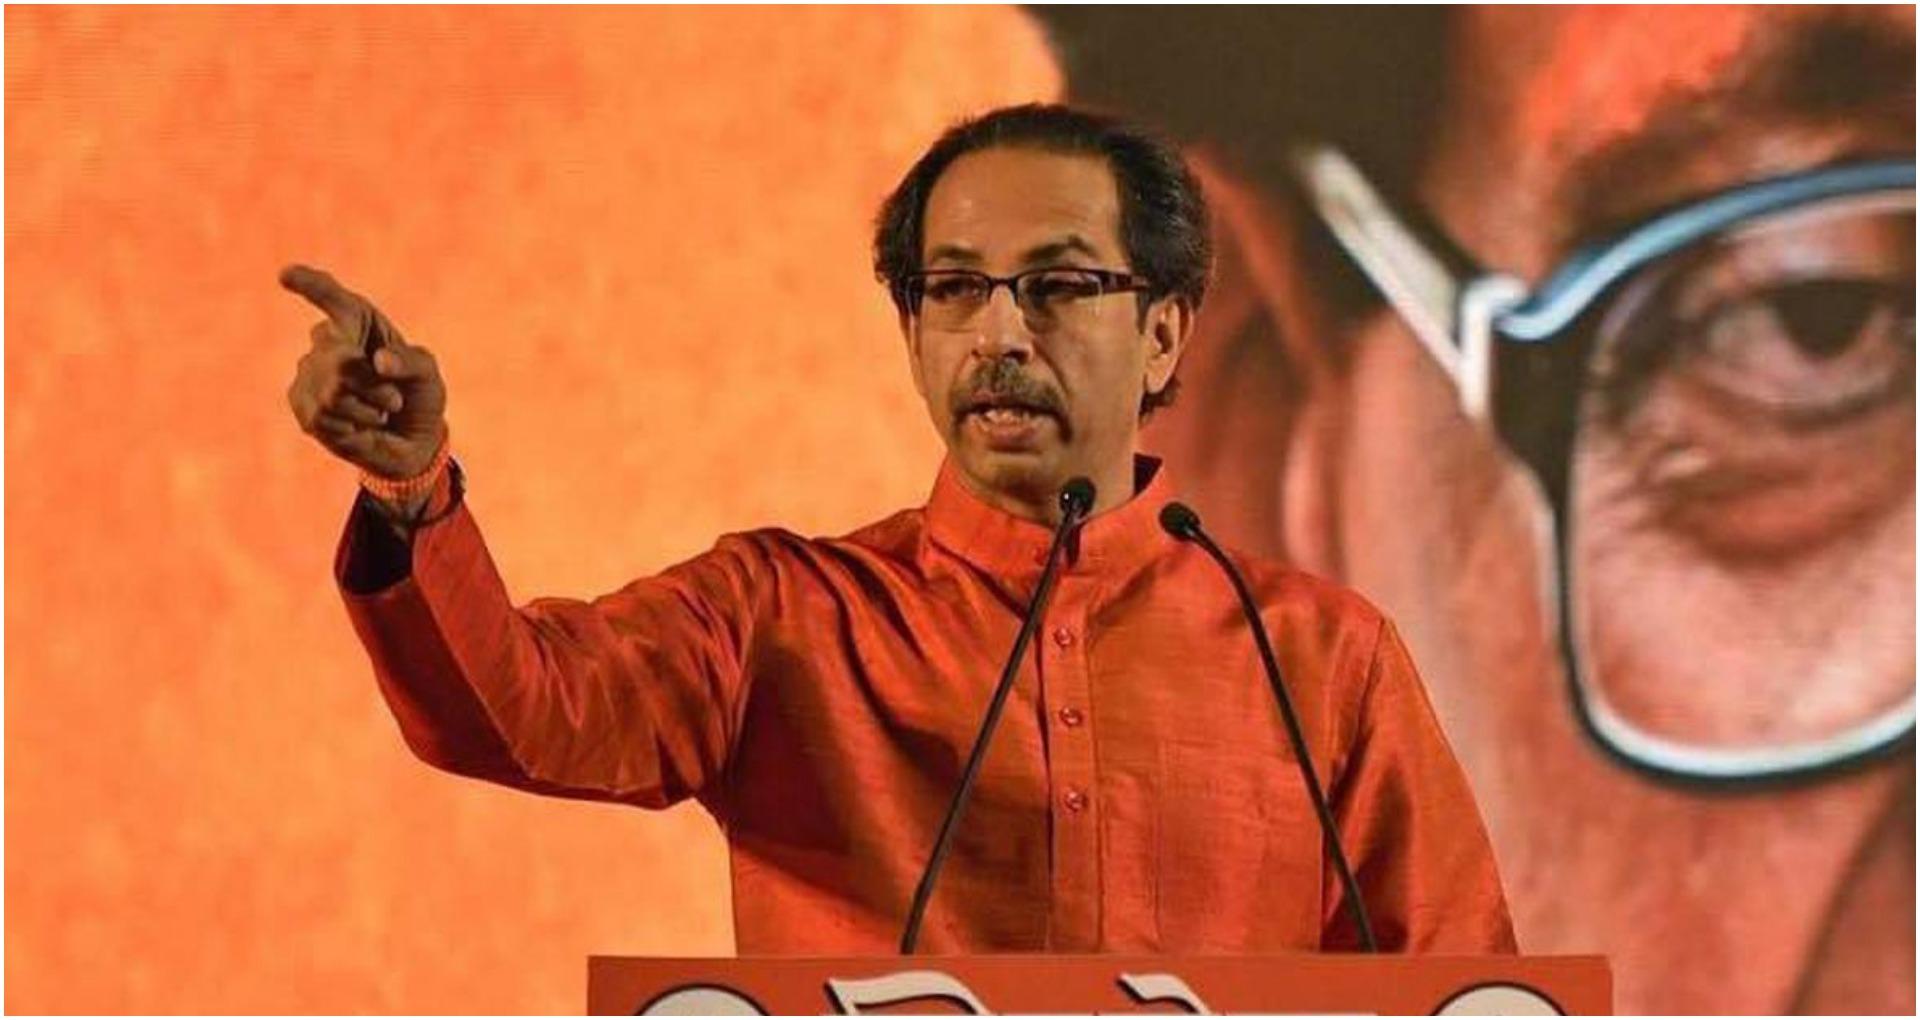 Palghar Mob Lynching Case: उद्धव ठाकरे ने दी चेतावनी, कहना ना मानने पर सरकार उठाएगी सख़्त कदम